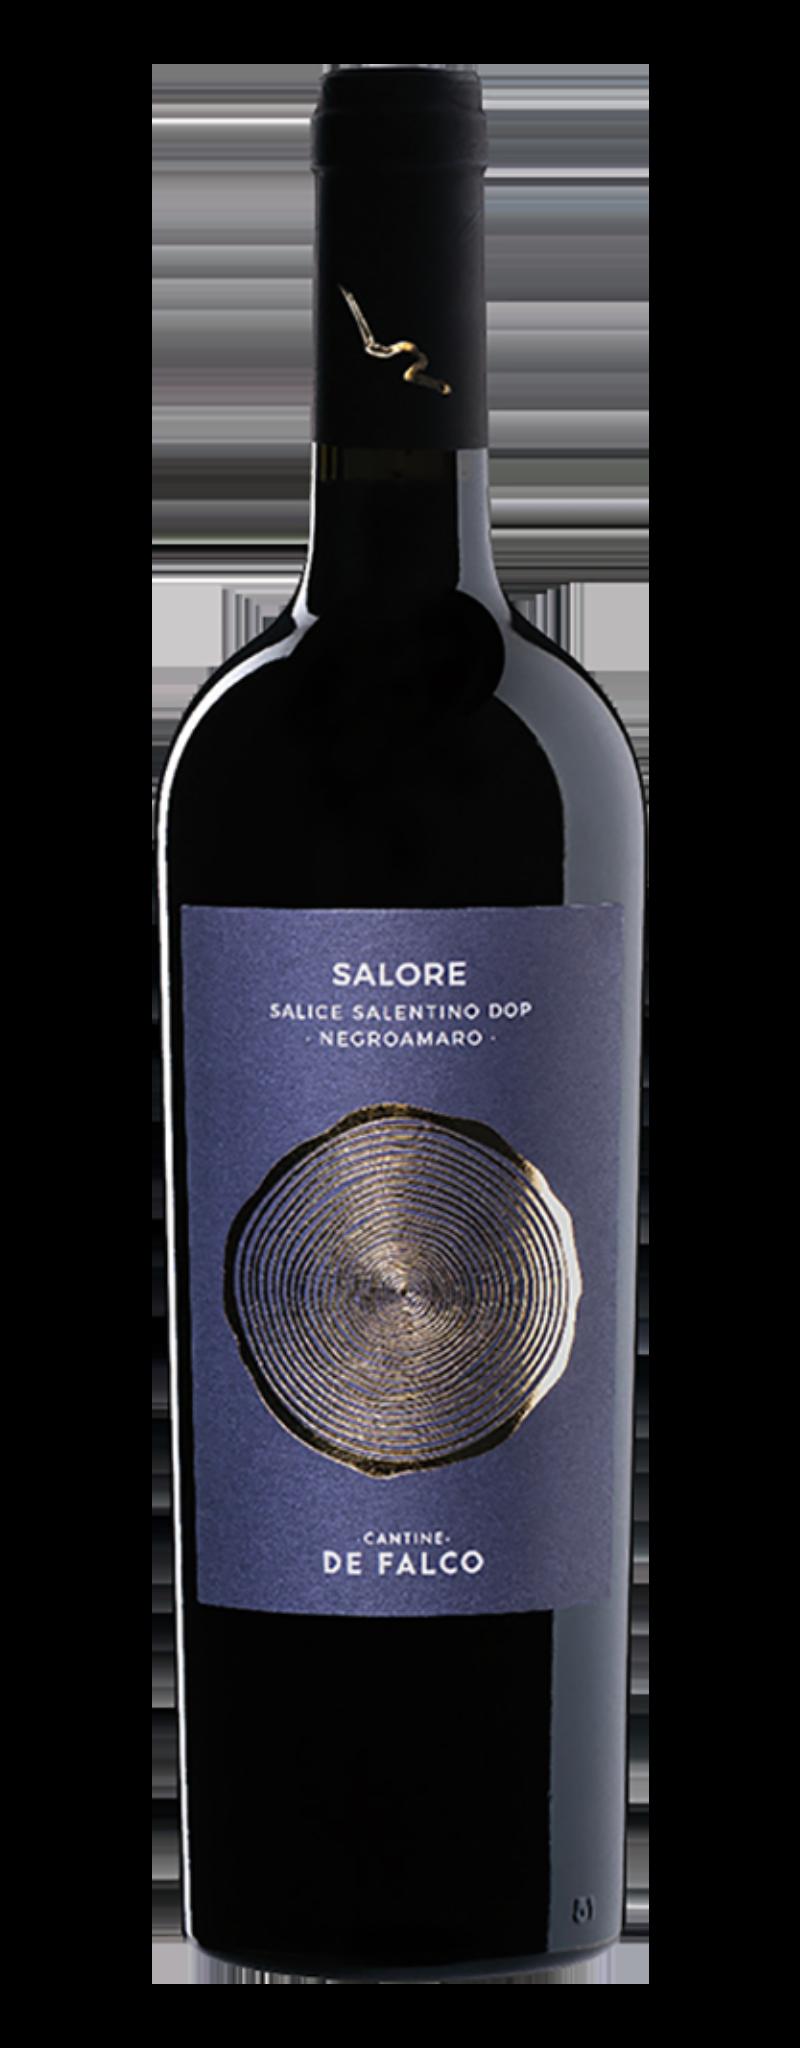 Cantine De Falco, Salore, Salice Salentino DOP  - 750ml